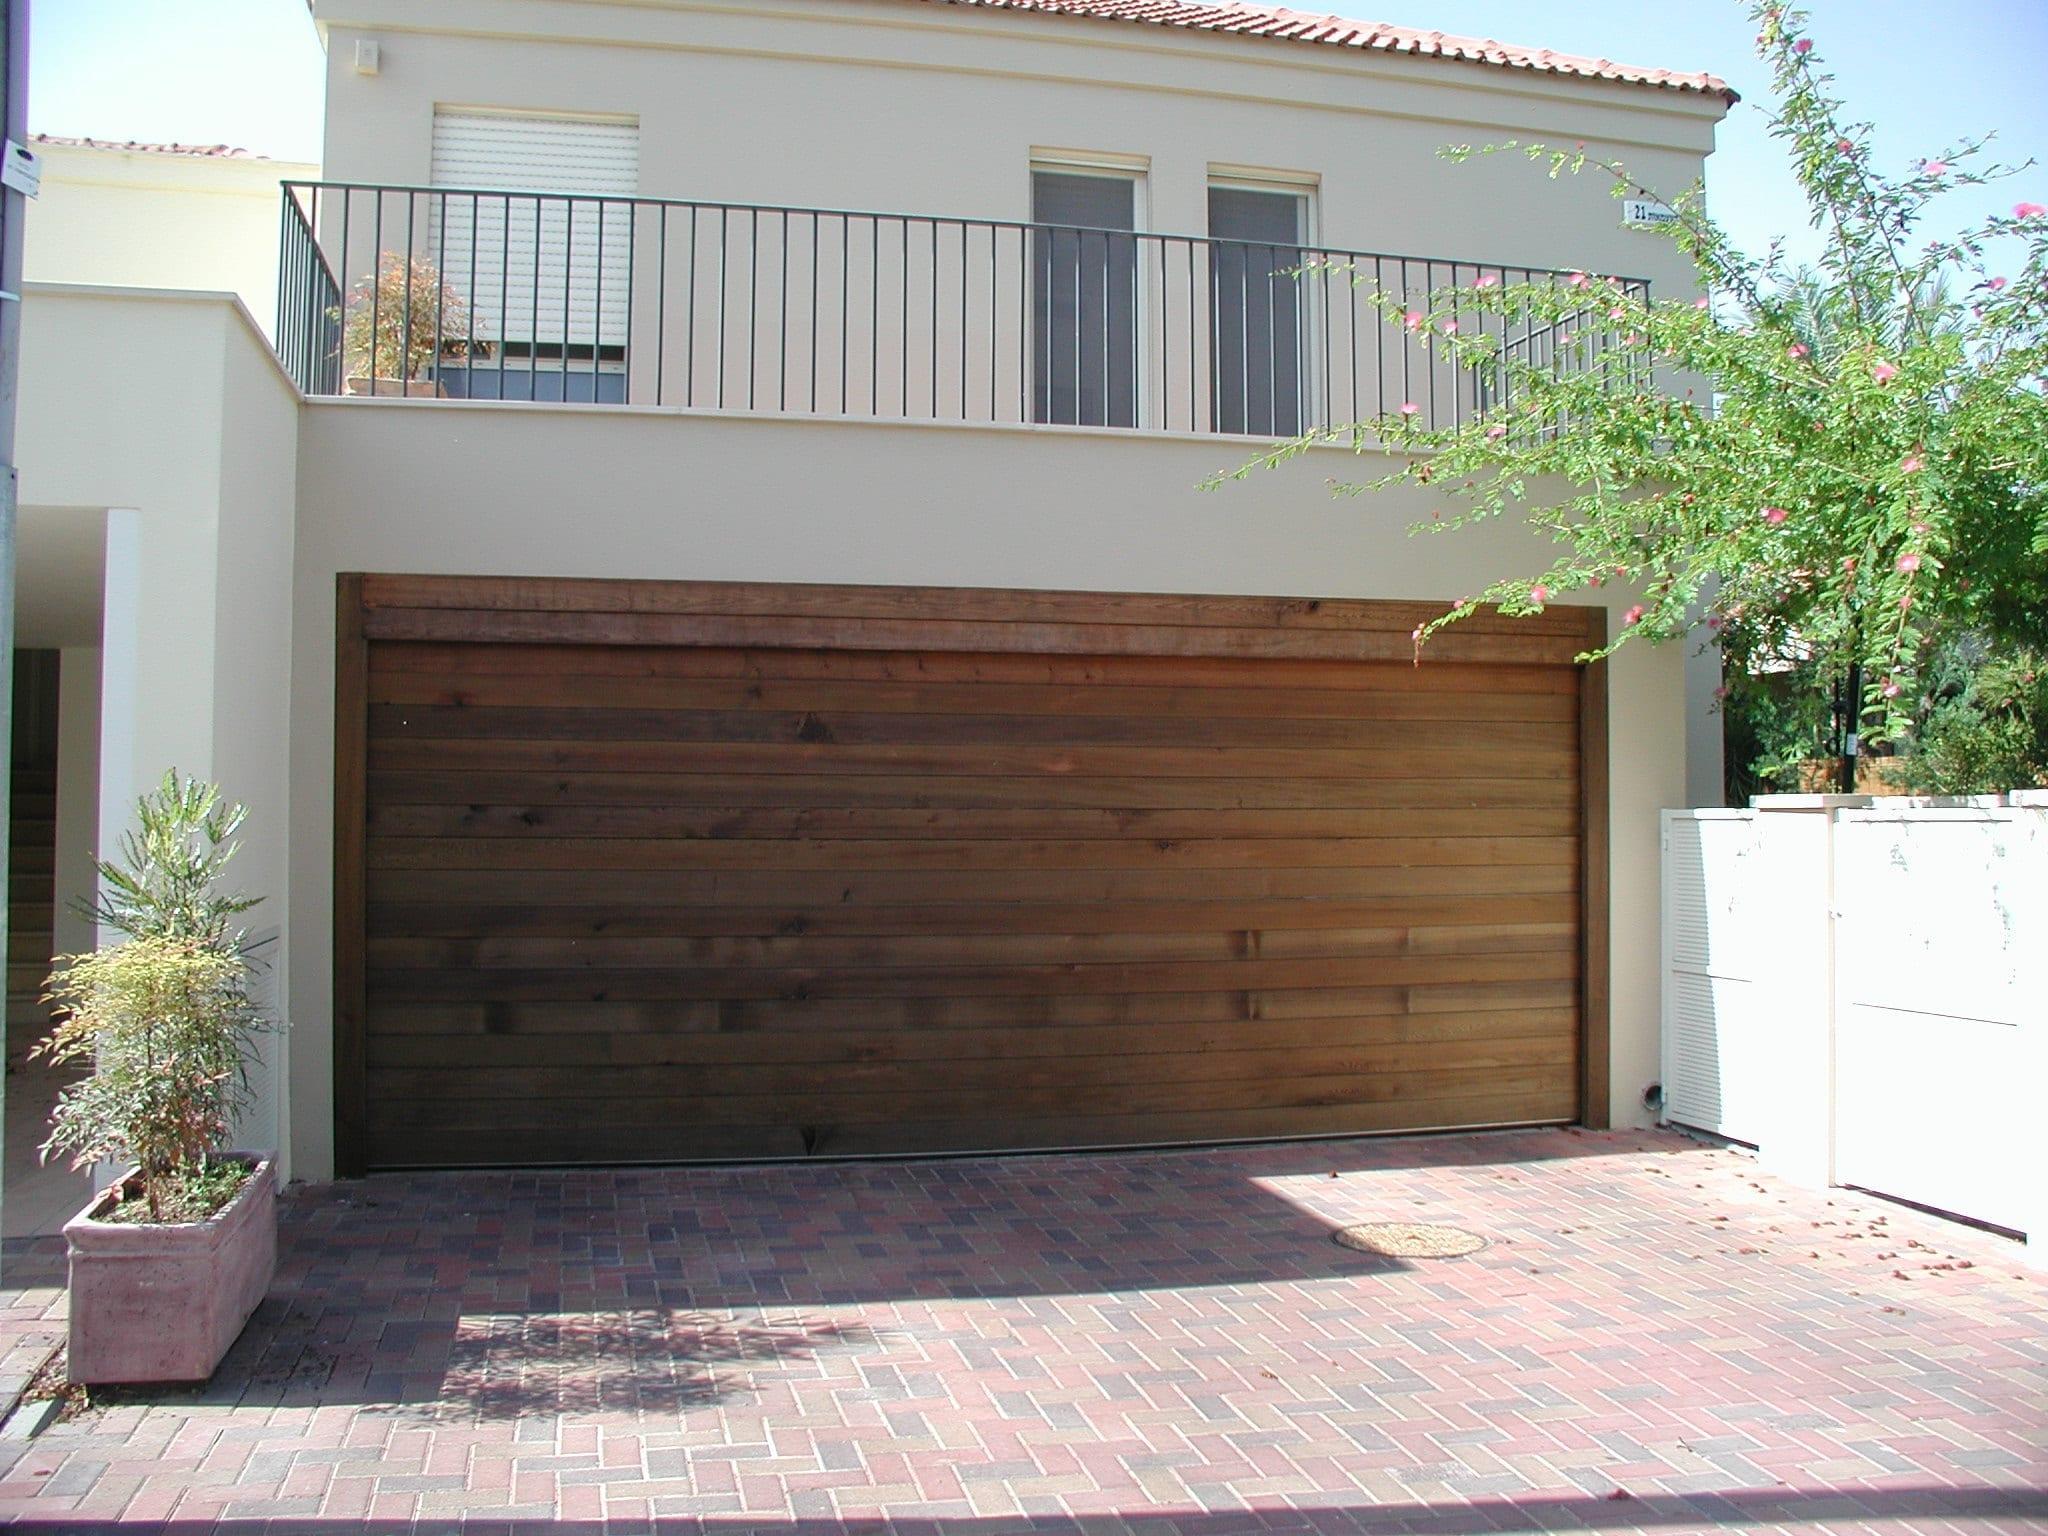 דלת פנלים מאלומיניום עם חיפוי אלומיניום כמוי עץ